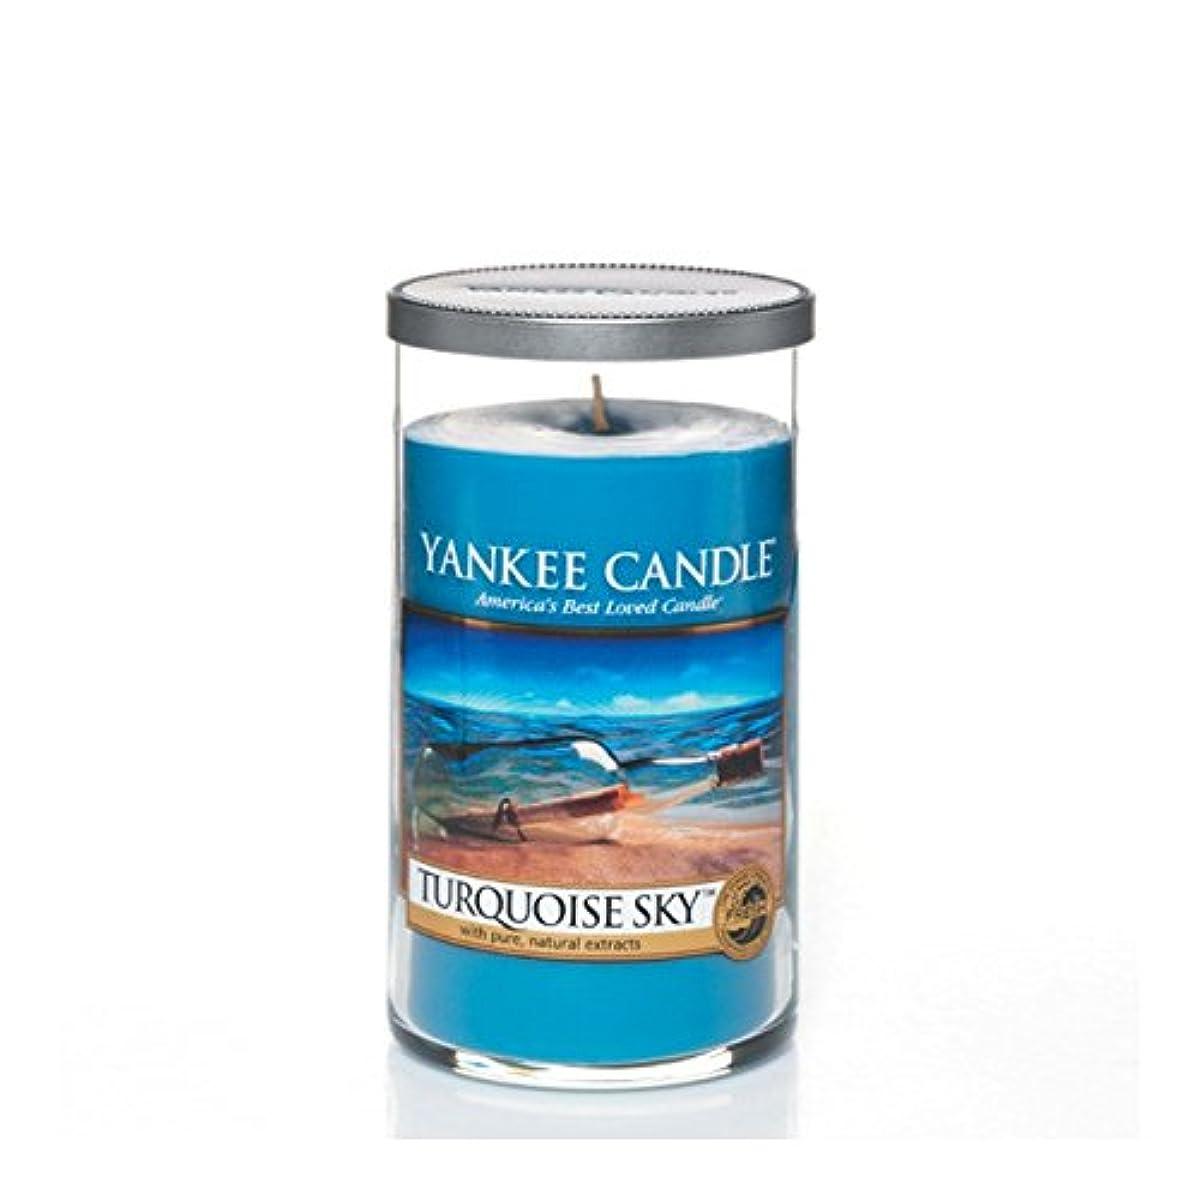 印象派パース操縦するYankee Candles Medium Pillar Candle - Turquoise Sky (Pack of 6) - ヤンキーキャンドルメディアピラーキャンドル - ターコイズの空 (x6) [並行輸入品]